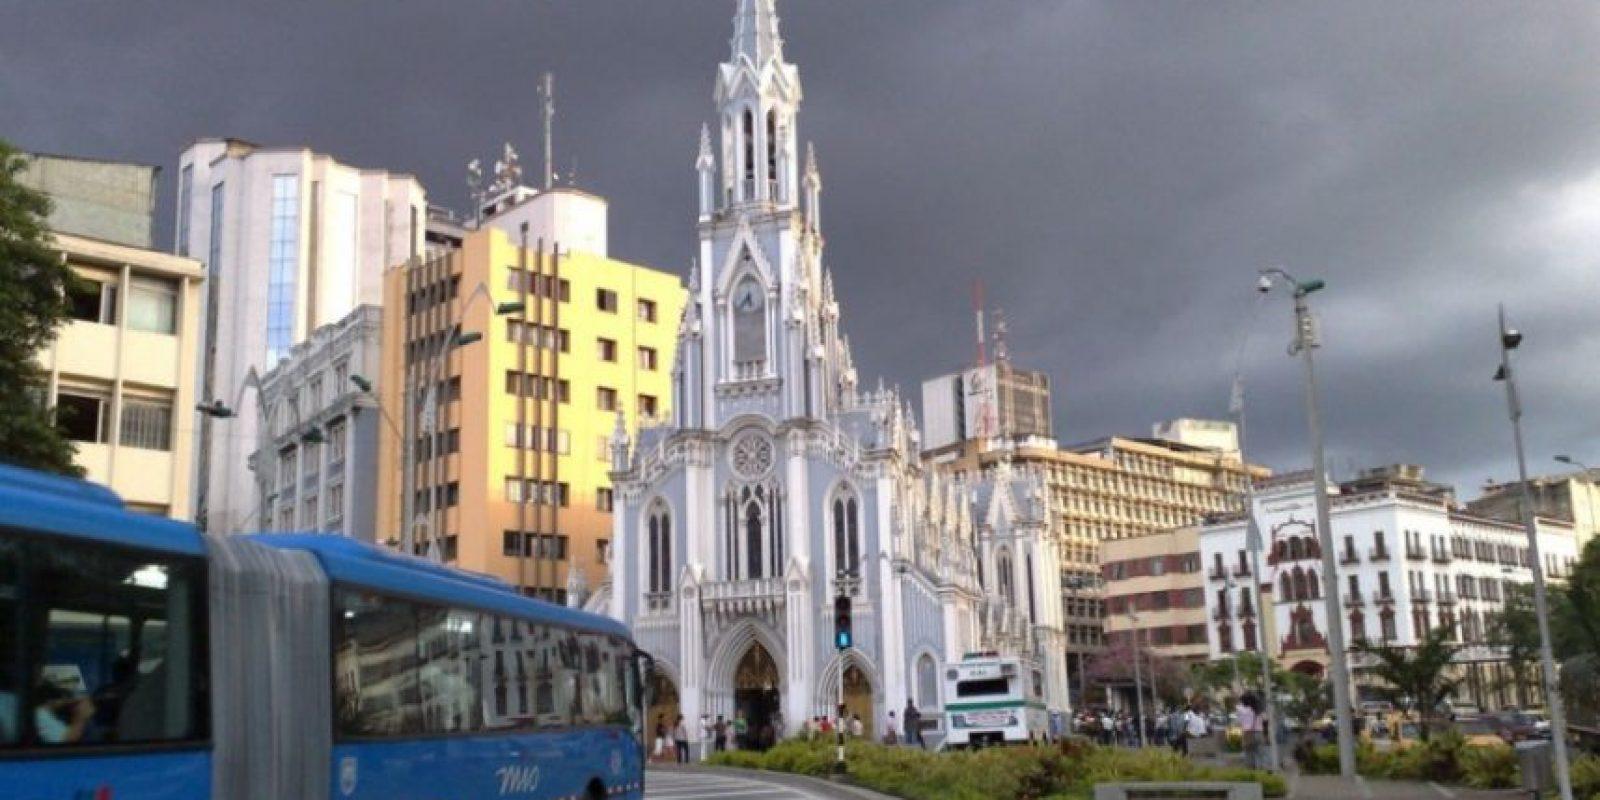 País: Colombia /Categoría: Amor por la ciudad Foto:Ariel Ruiz Álvarez